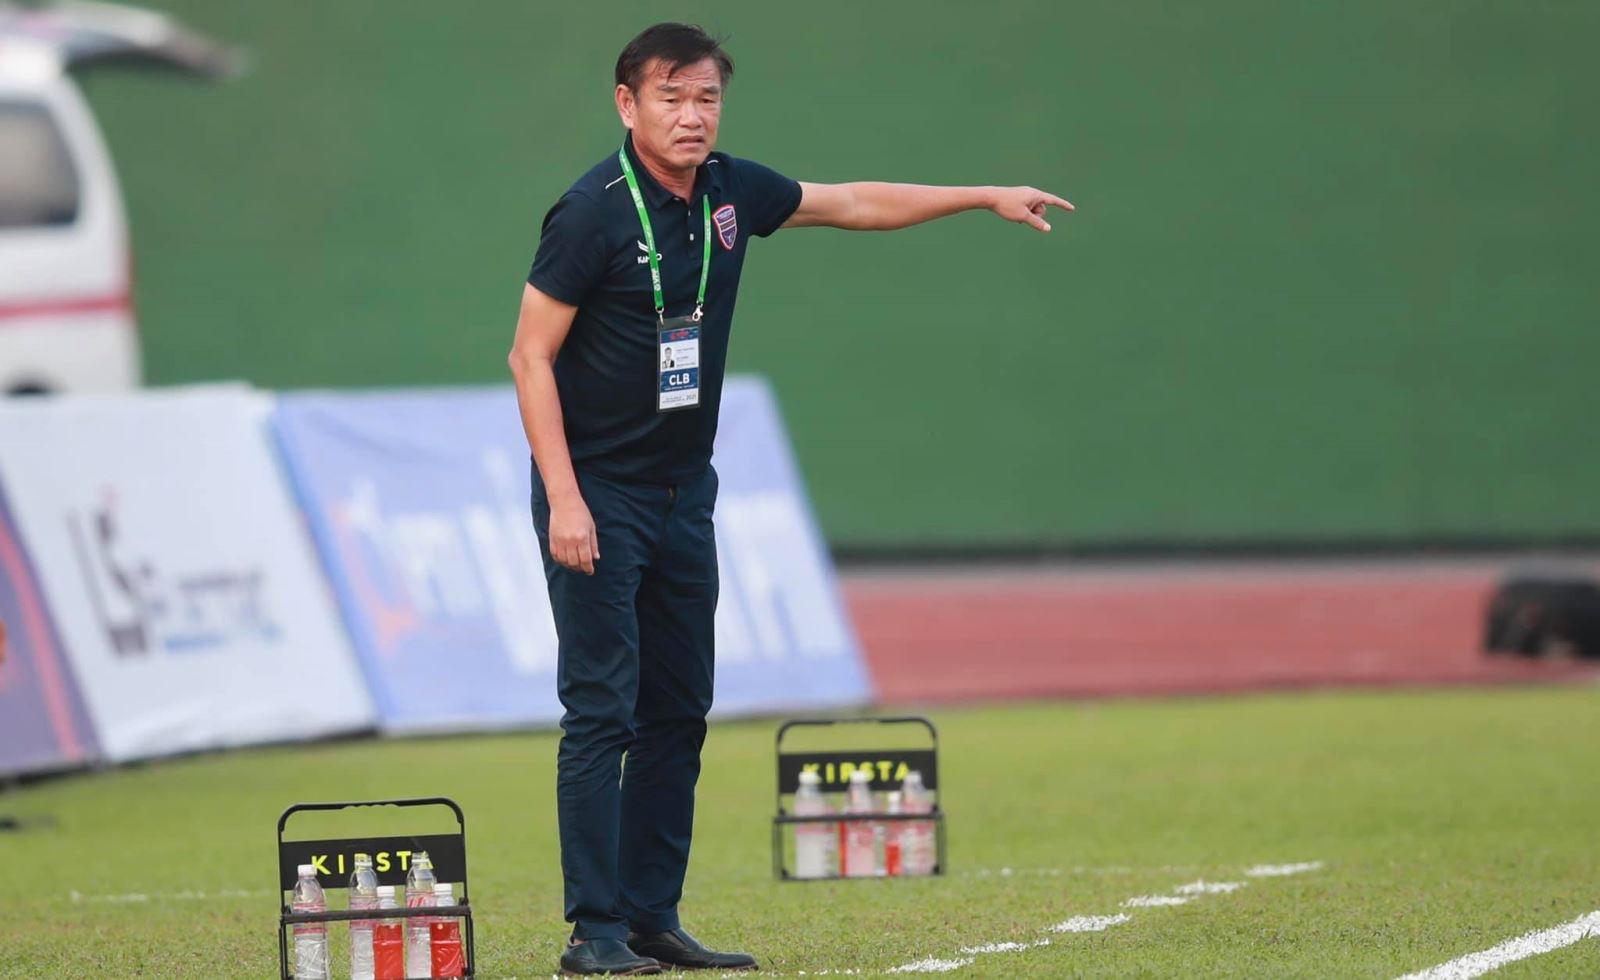 bóng đá, Bình Dương, bóng đá Việt Nam, bóng đá hôm nay, vòng 10 V-League 2021, SHB Đà Nẵng vs Bình Dương, HLV Phan Thanh Hùng, vòng 10 V-League 2021, lịch thi đấu vòng 10 V-League 2021